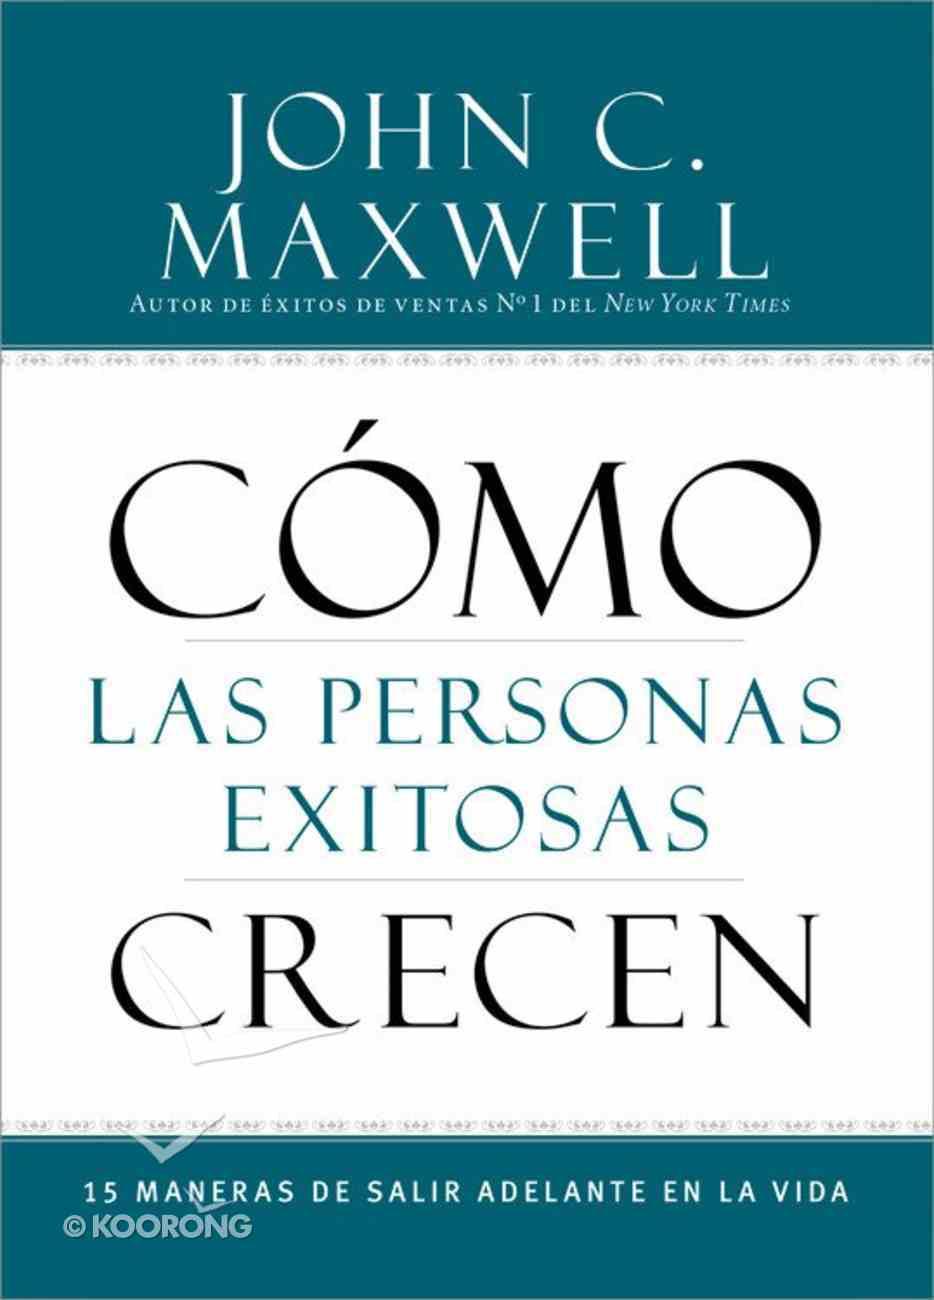 Cmo Las Personas Exitosas Crecen (How Successful People Grow) Paperback